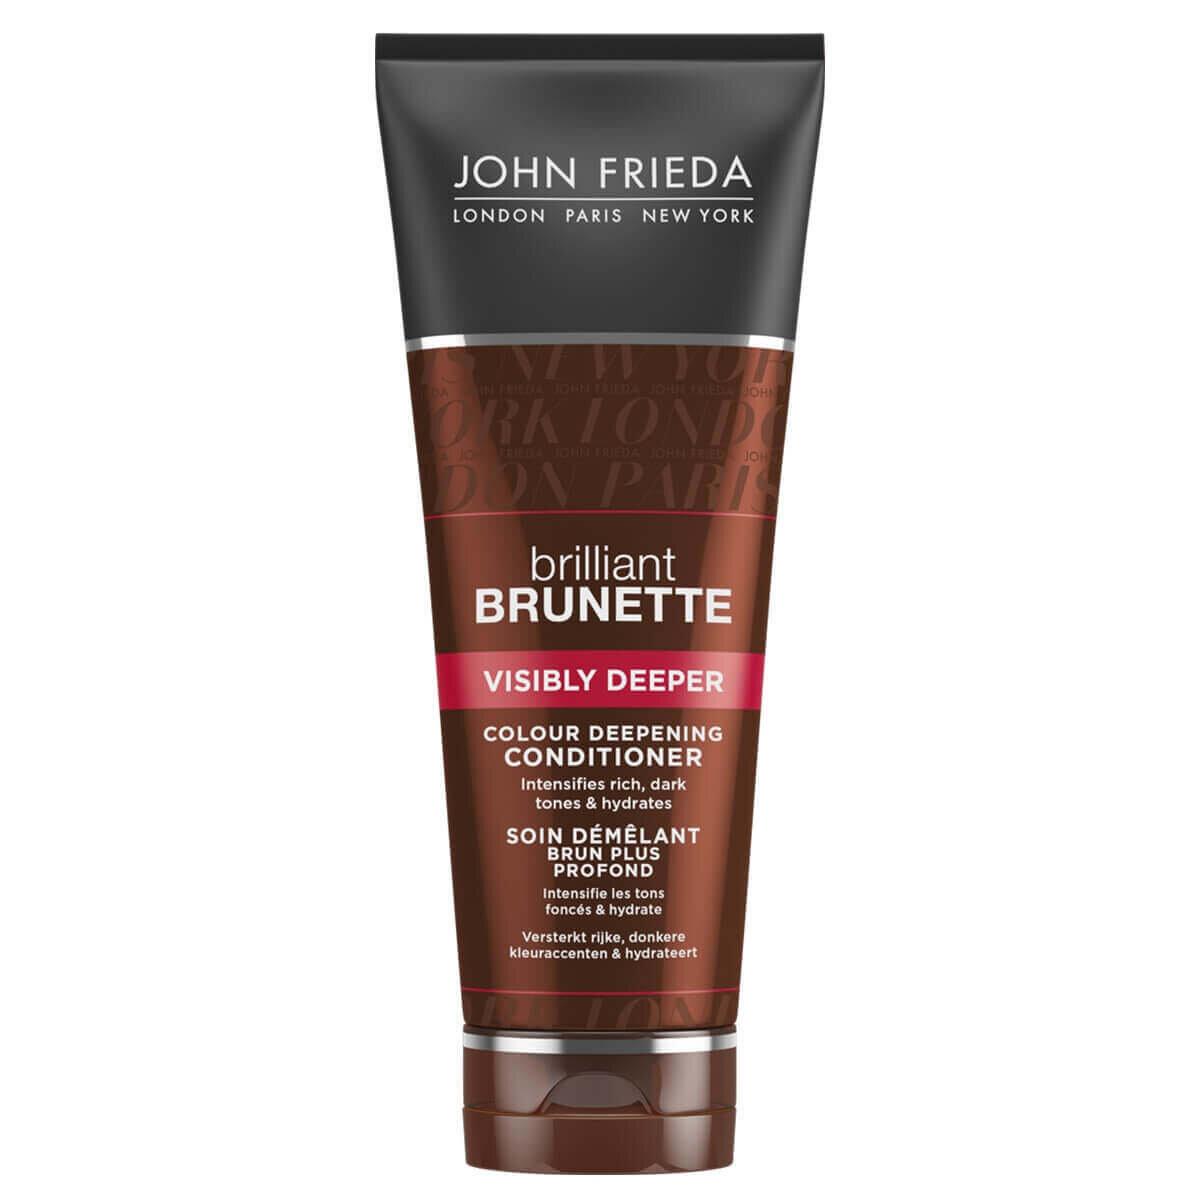 Brilliant Brunette Multi Tone Revealing Moisturation Saç Kremi 250 ml